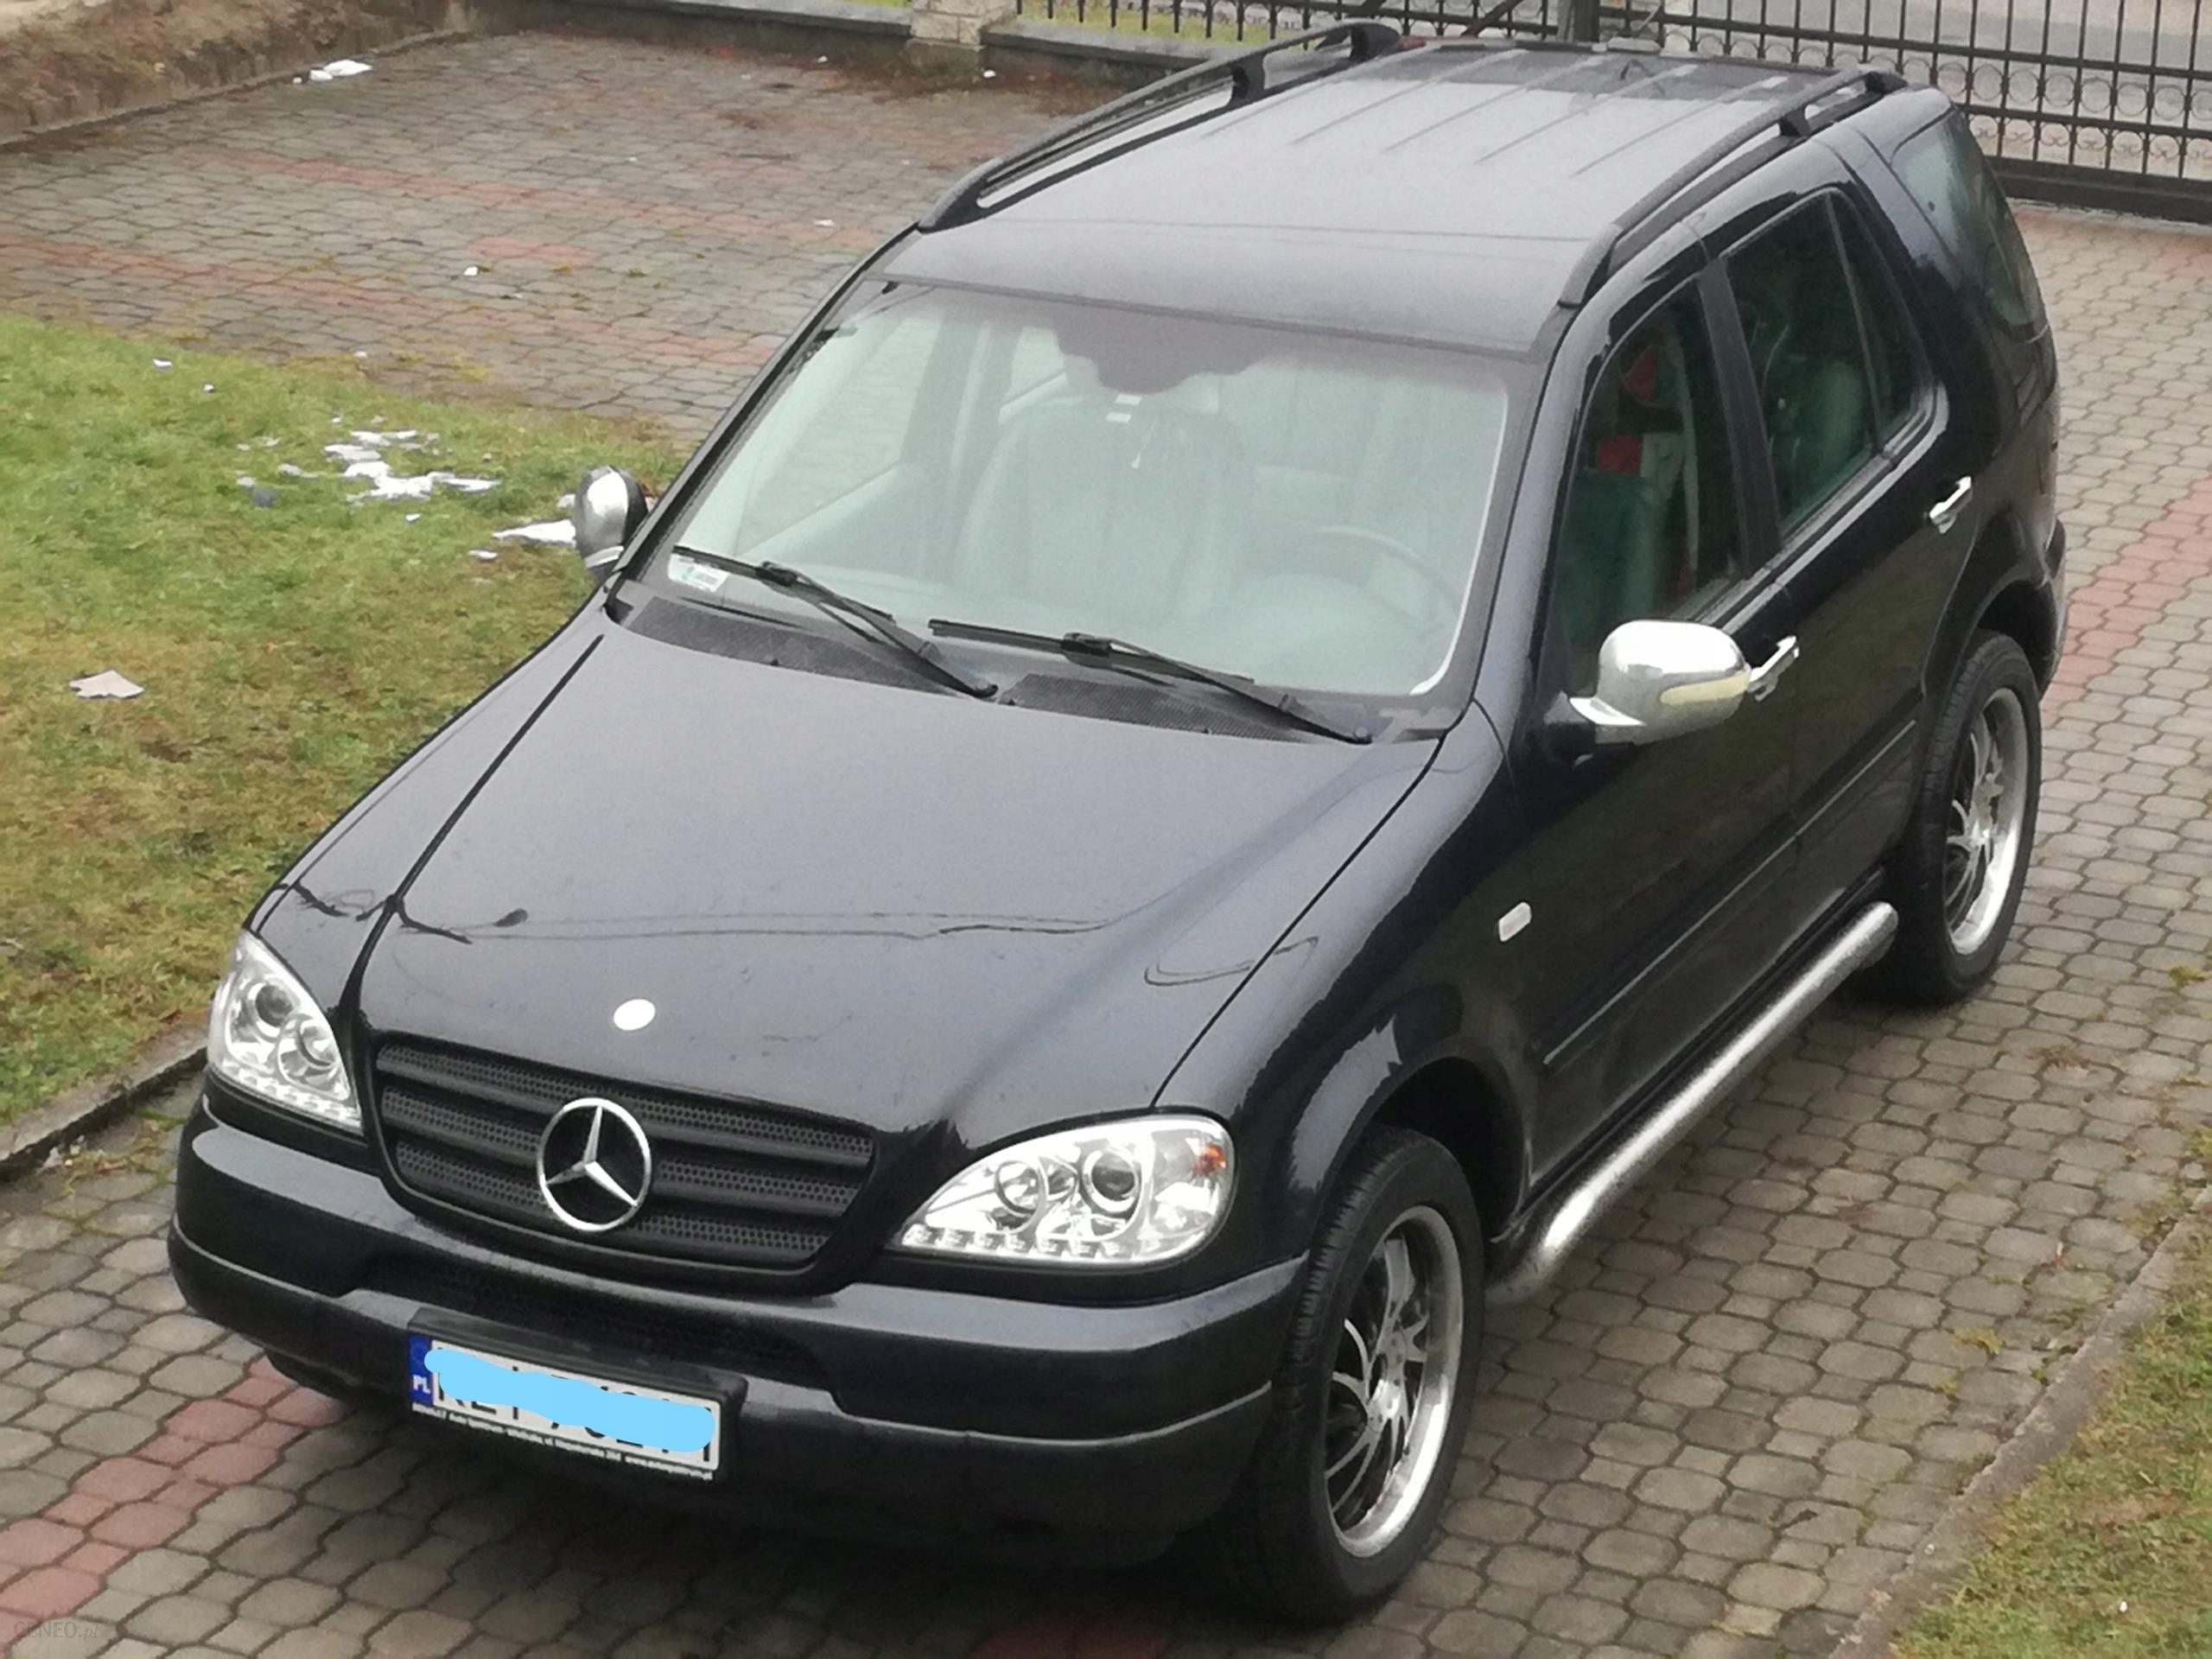 Mercedes Benz Ml Mercedes 270 W163 7 Osobowy Osob Opinie I Ceny Na Ceneo Pl